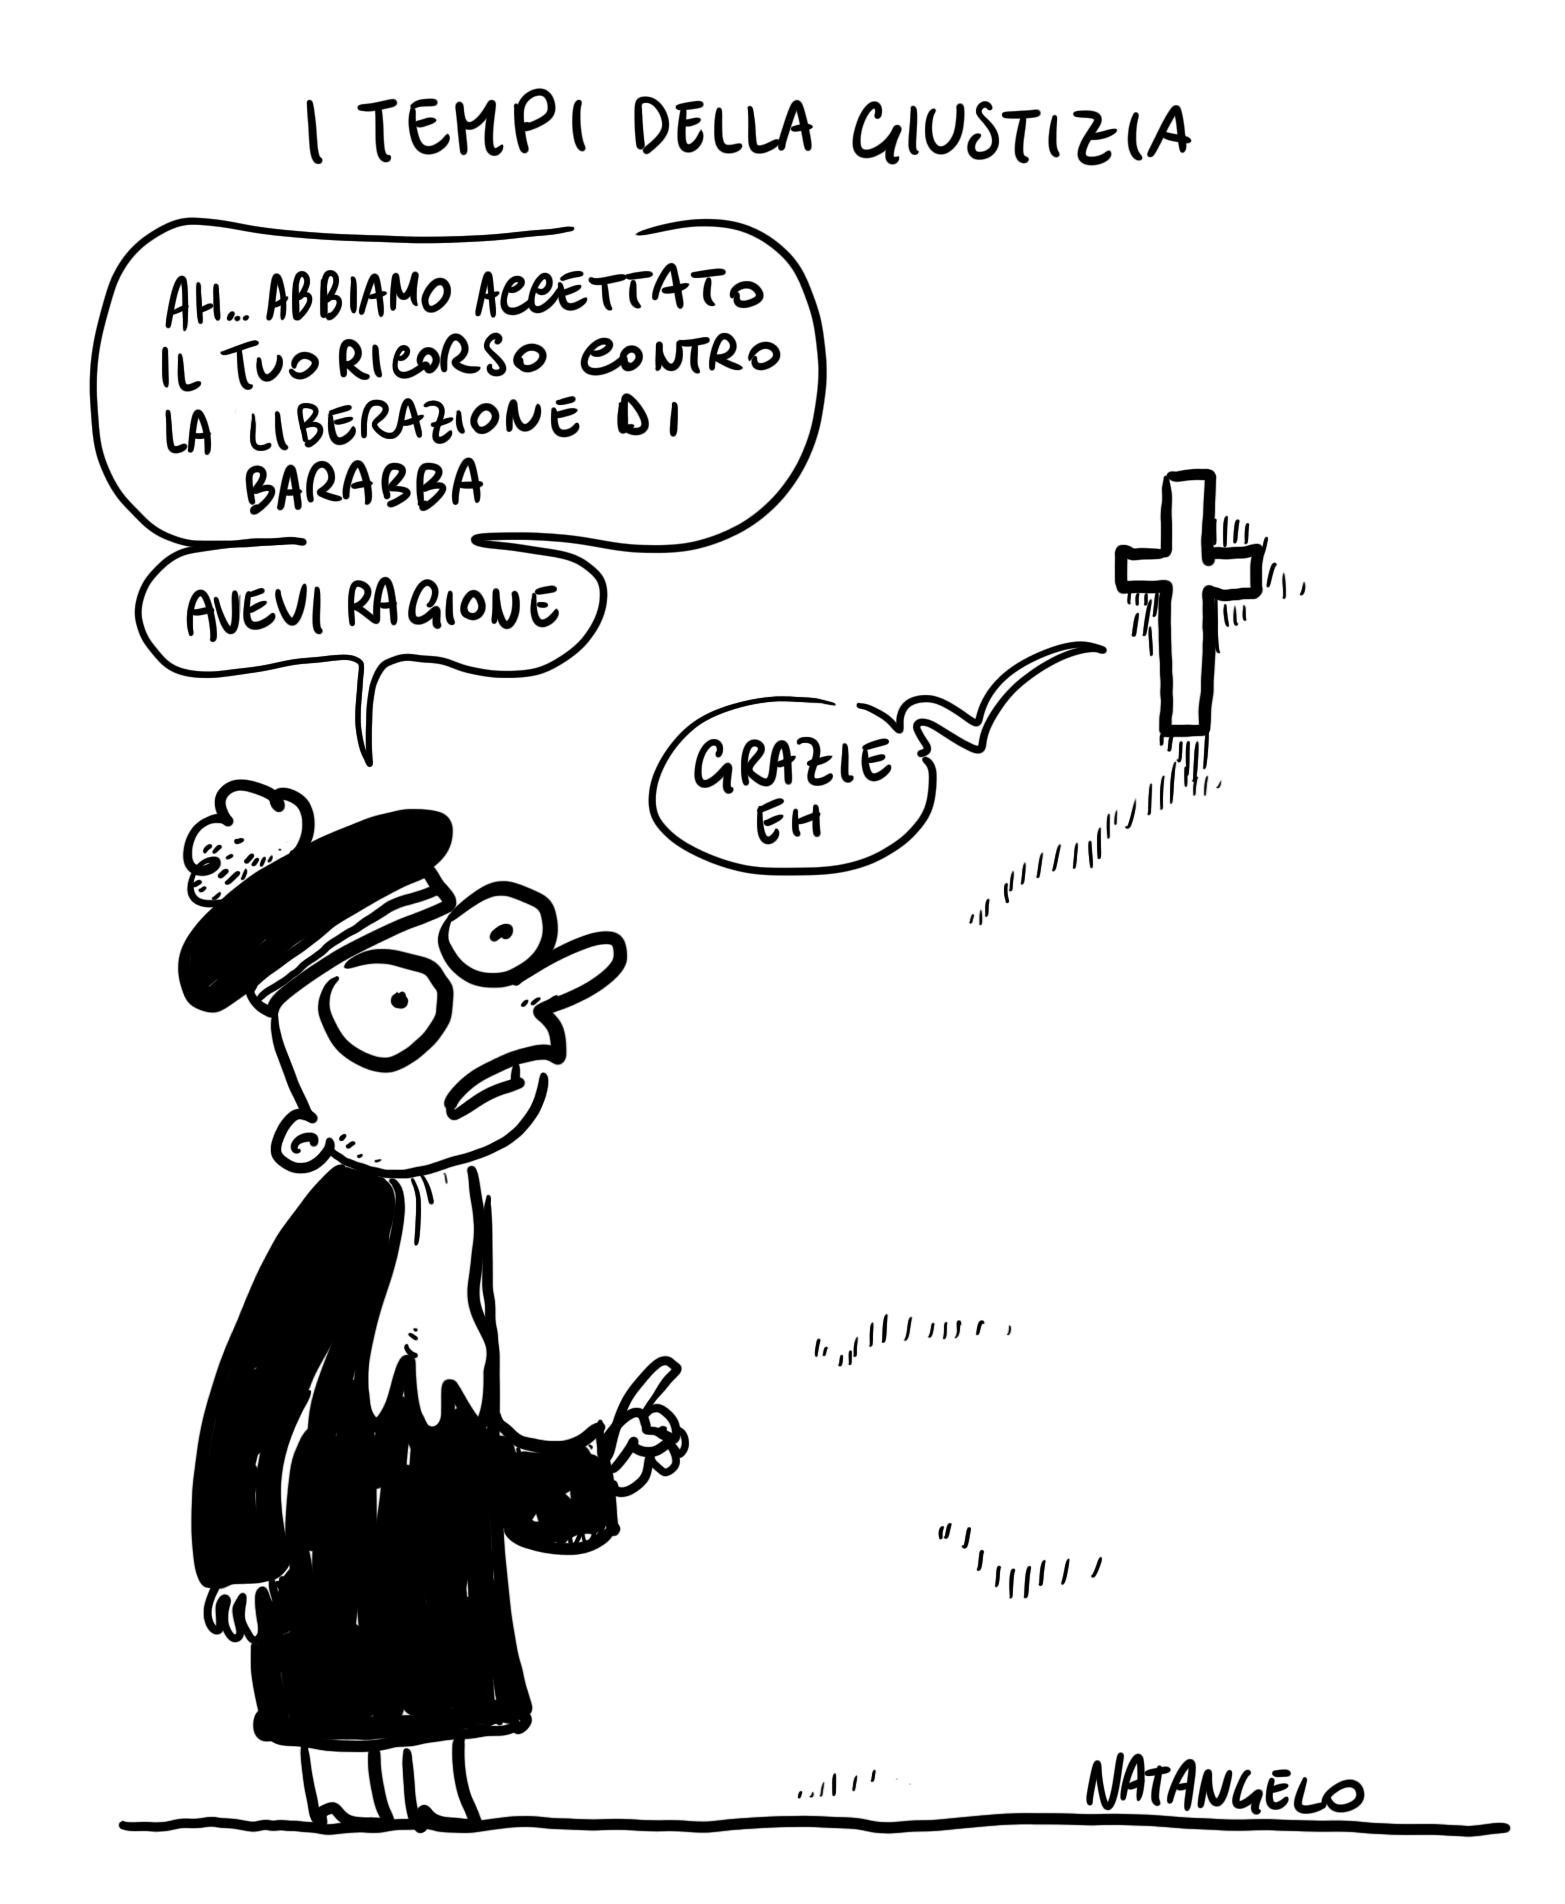 La vignetta del giorno: Tempi della giustizia